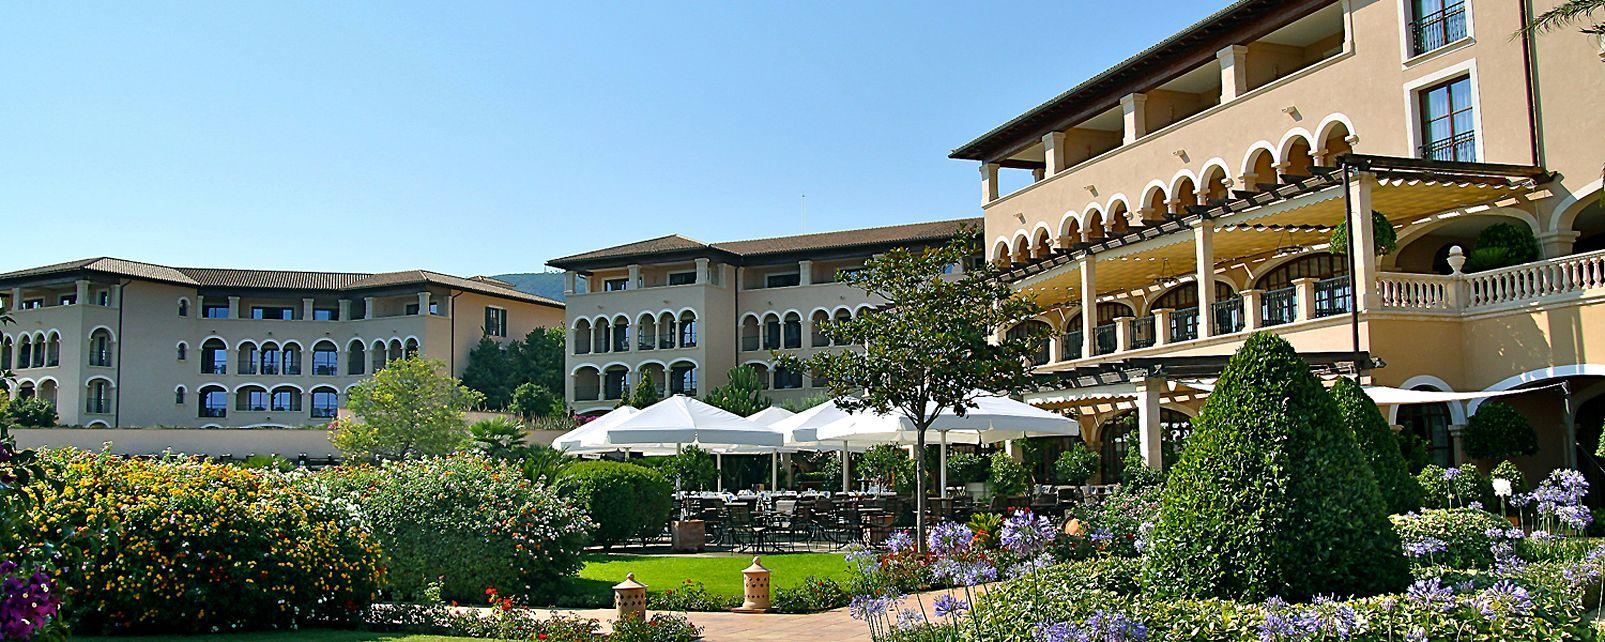 Hotel St Regis Mardavall Hôtel Spa